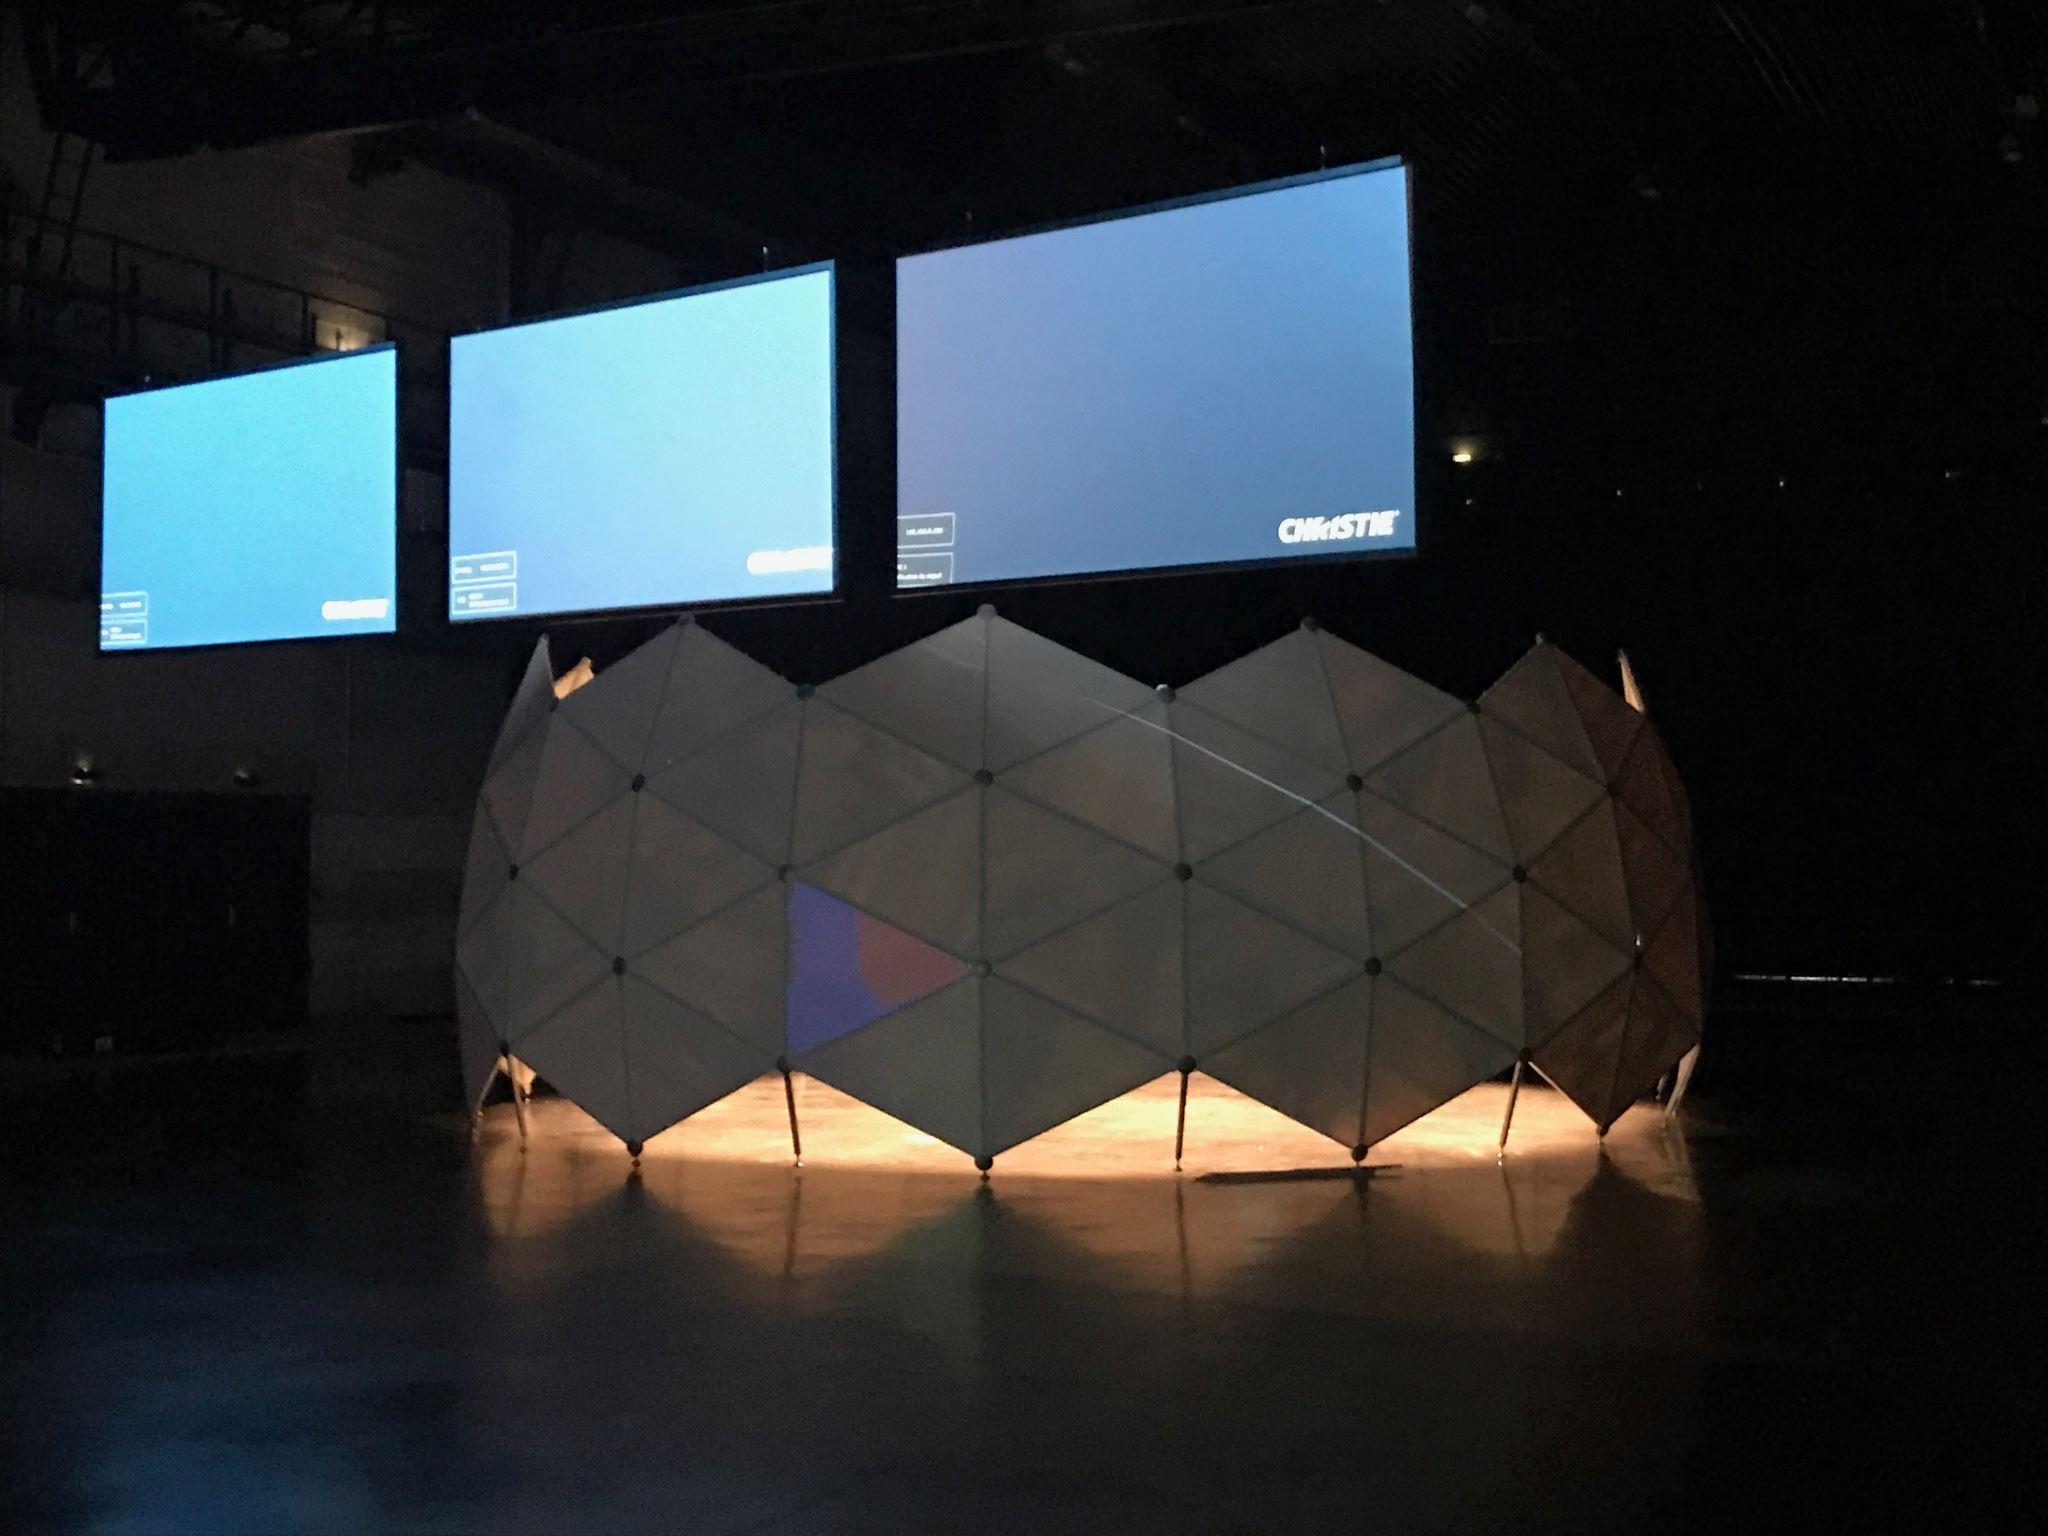 découpe de 120 triangles en polyester et fabrication de cadres triangulaires en aluminium anodisé